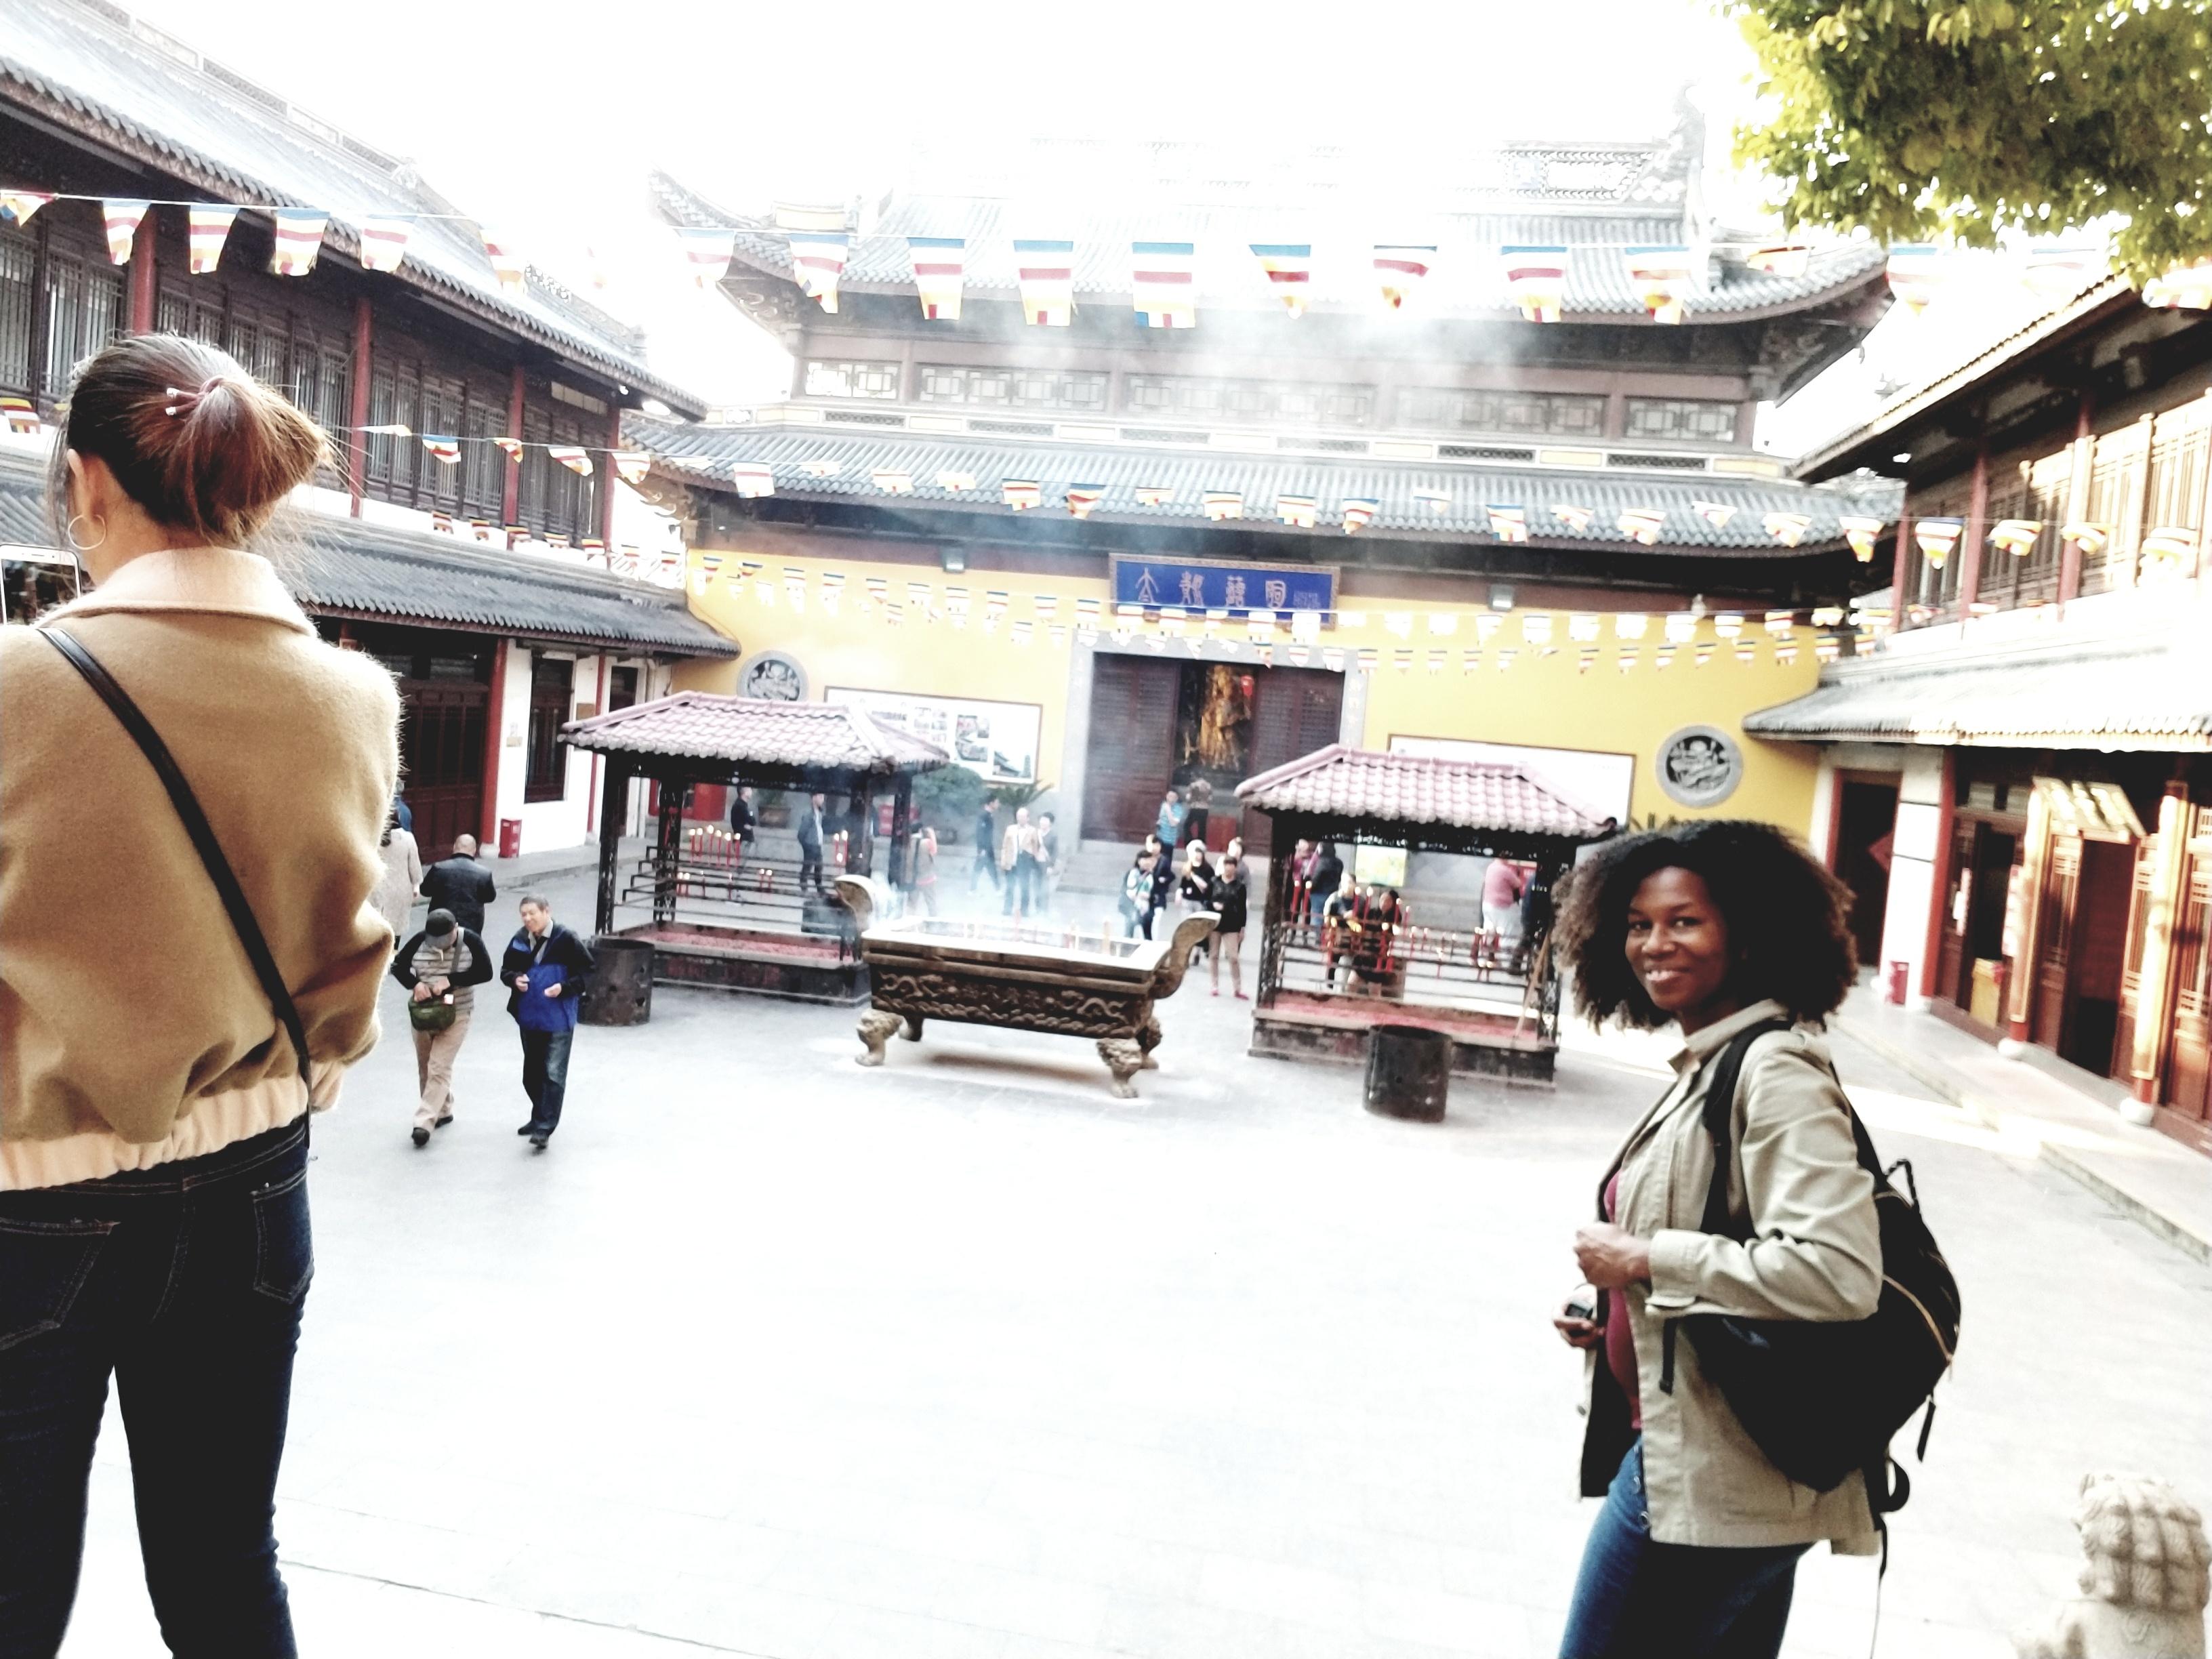 Teaching English in Guangzhou, China with aTEFL certification